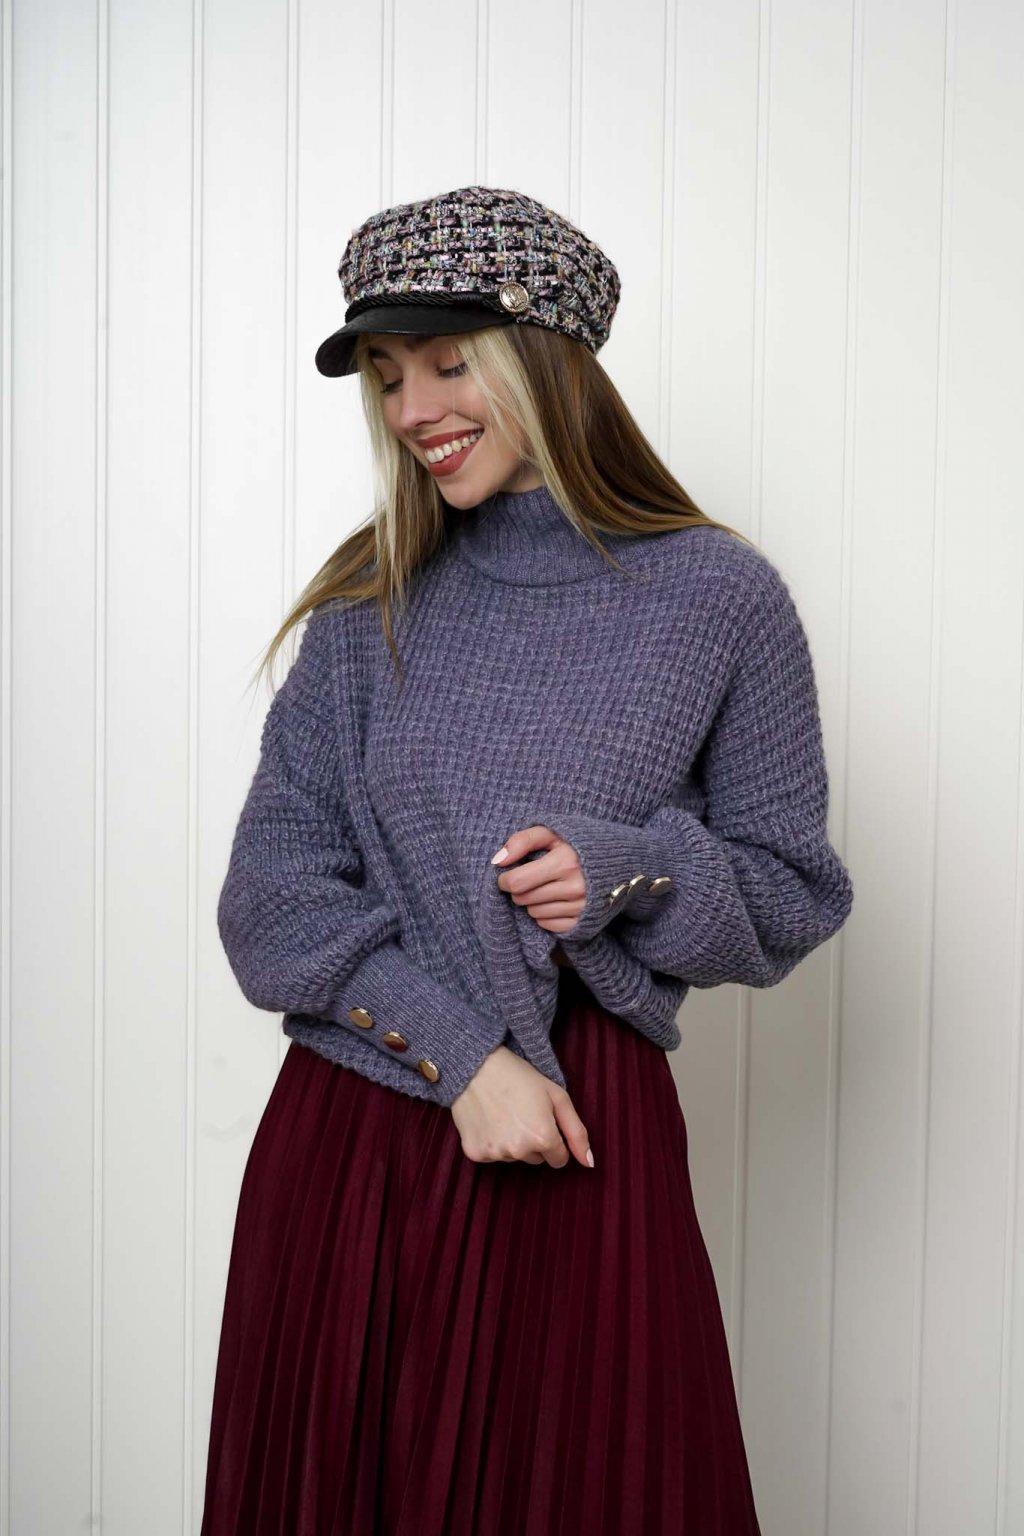 sveter, svetrík, sveter dámsky, úplet, úpletový sveter, jednoduchý sveter, v výstríh, štýlový, chlpatý,vzorovaný, srdiečkový, čierny, biely, farebný, 150